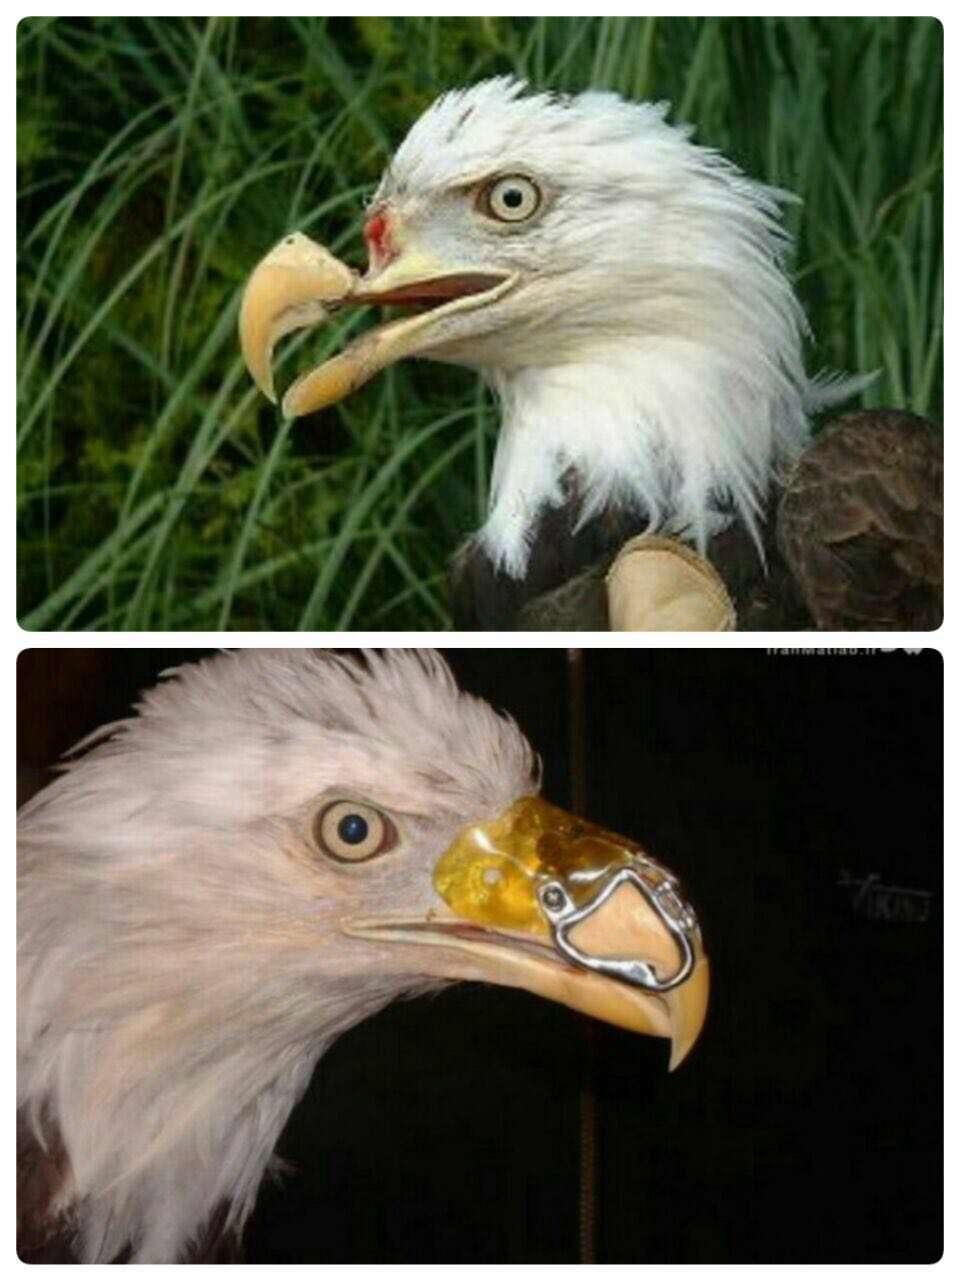 قابی که با شلیک یک شکارچی نوکش را از دست داده بود با کمک یک پزشک و یک دندانپزشک از مرگ نجات پیدا کرد  و نوک این پرنده را برایش درست  كرد